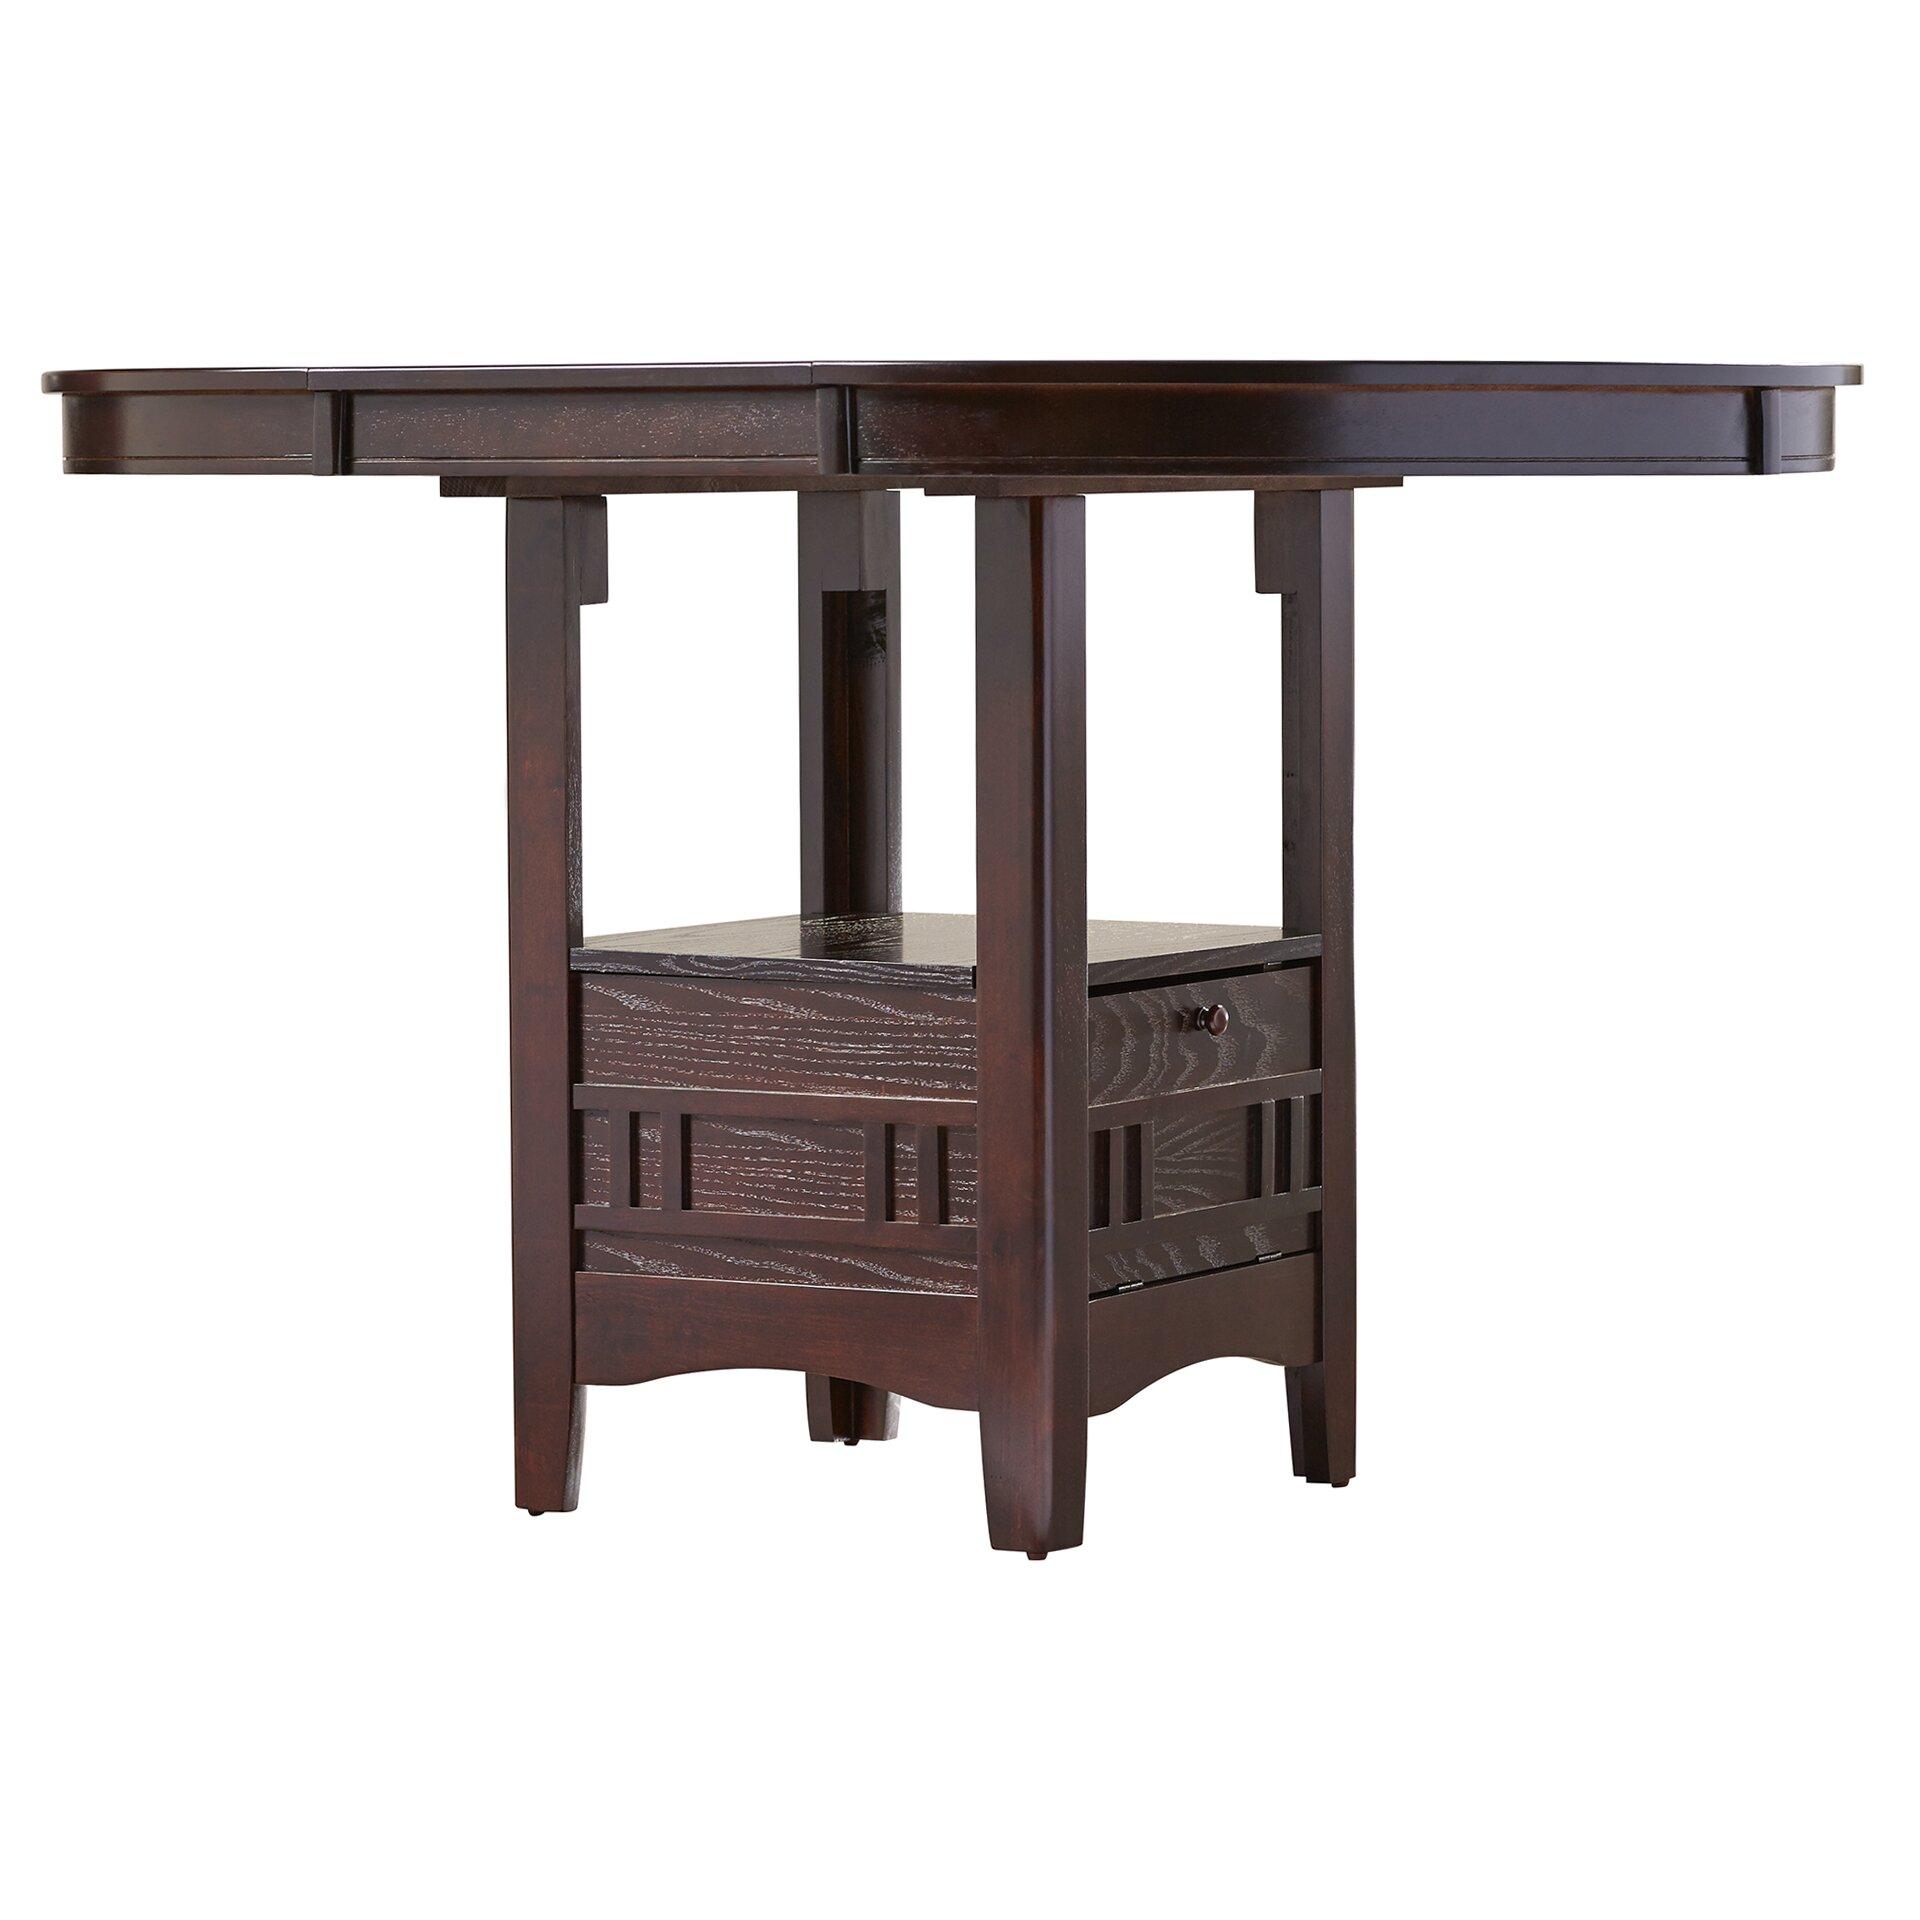 Alcott hill norwalk counter height extendable dining table for Counter height extendable dining table